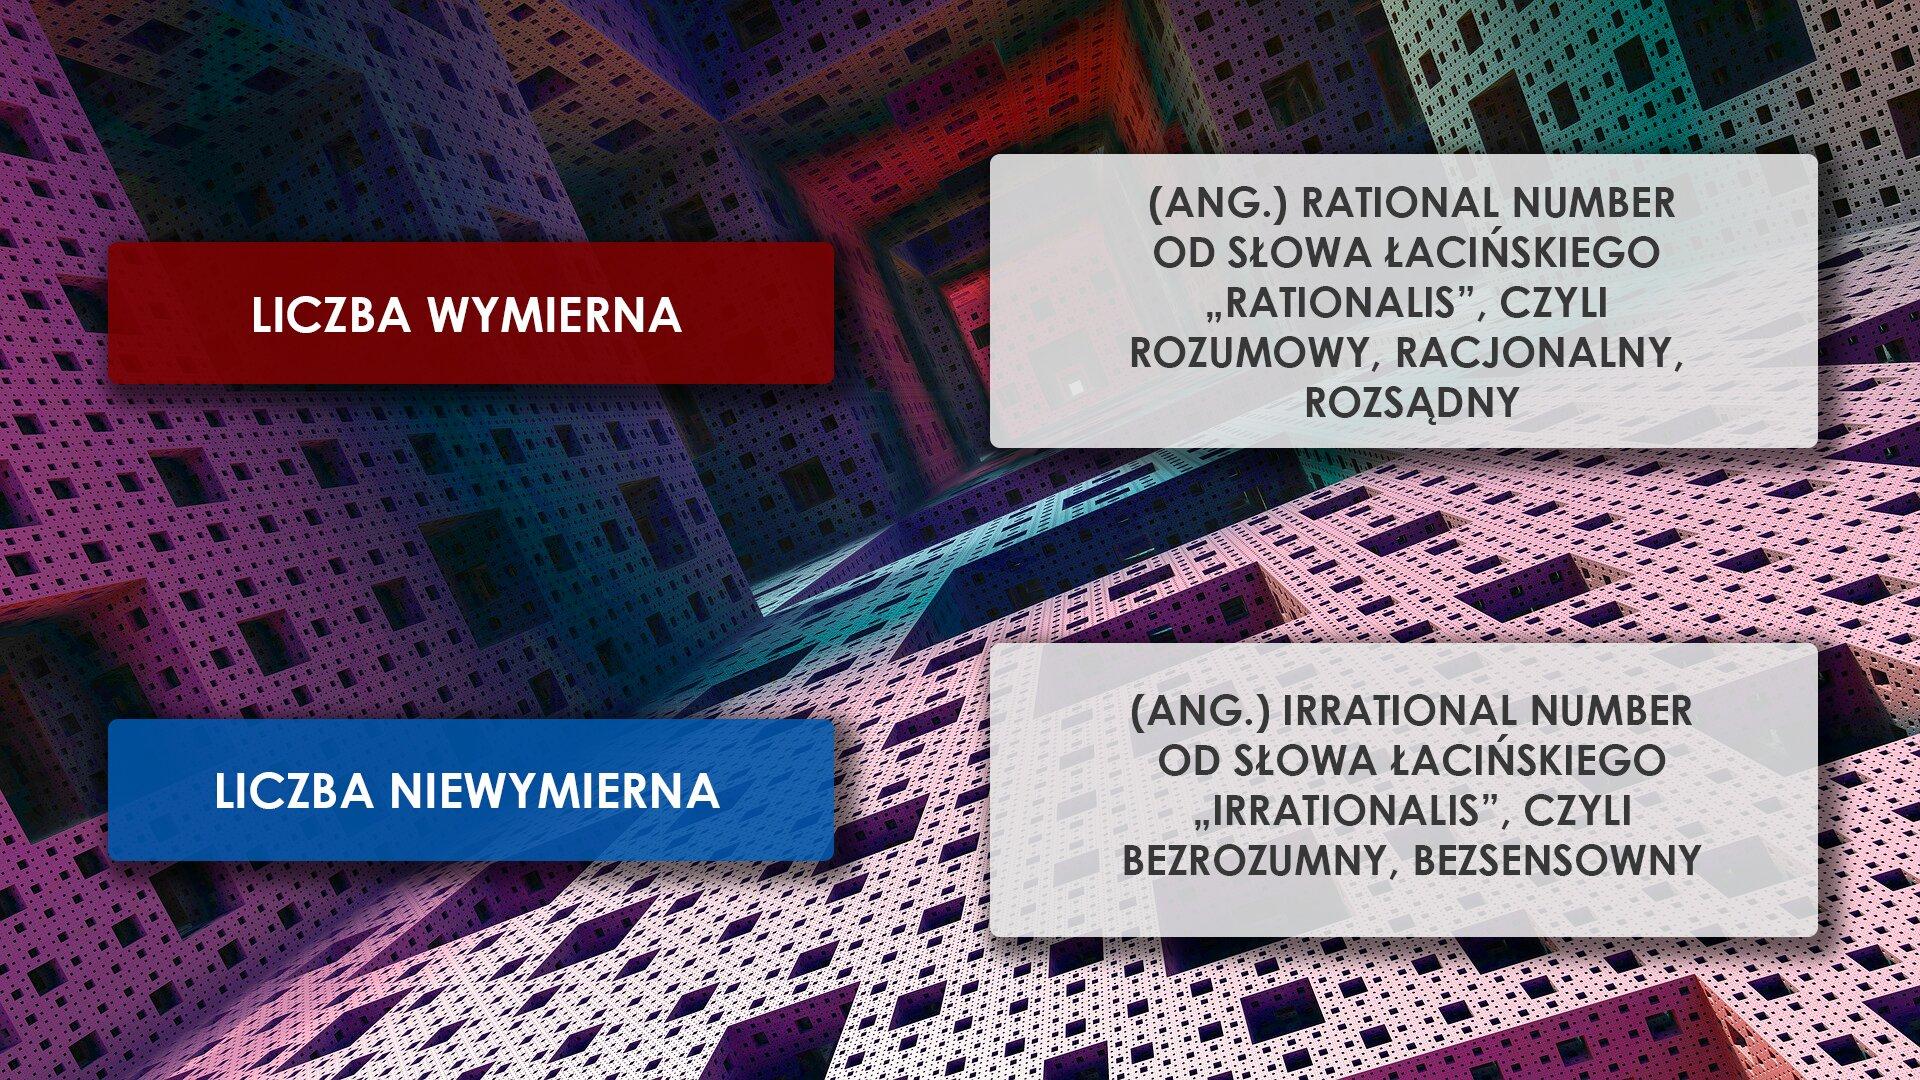 """Ilustracja przedstawia informację na temat pochodzenia terminów : """"Liczba wymierna"""" i""""Liczba niewymierna"""". Na tle """". kolorowej przestrzennej kompozycji wykonanej zperforowanych bloczków rozmieszczone są cztery prostokąty wewnątrz, których umieszczono napisy. Wgórnej lewej części znajduje się czerwony prostokąt, wktórym znajduje się tekst :LICZBA WYMIERNA"""". Obok niego zprawej strony, na tym samym poziomie umieszczony został jasnoszary prostokąt, wktóry wpisano wytłumaczenie pochodzenia tego terminu: """"(ANG.) RATIONAL NUMBER OD ŁACIŃSKIEGO""""RATIONALIS"""", CZYLI ROZUMOWY, RACJONALNY, ROZSĄDNY"""". Poniżej czerwonego prostokąta znajduje się niebieski prostokąt wktórym znajduje się tekst : """"LICZBA NIEWYMIERNA"""". Obok niego zprawej strony, na tym samym poziomie umieszczony został jasnoszary prostokąt, wktóry wpisano wytłumaczenie pochodzenia nazwy liczby niewymiernej: """"(ANG.) IRRATIONAL NUMBER OD ŁACIŃSKIEGO""""IRRATIONALIS"""", CZYLI BEZROZUMNY, BEZSENSOWNY""""."""